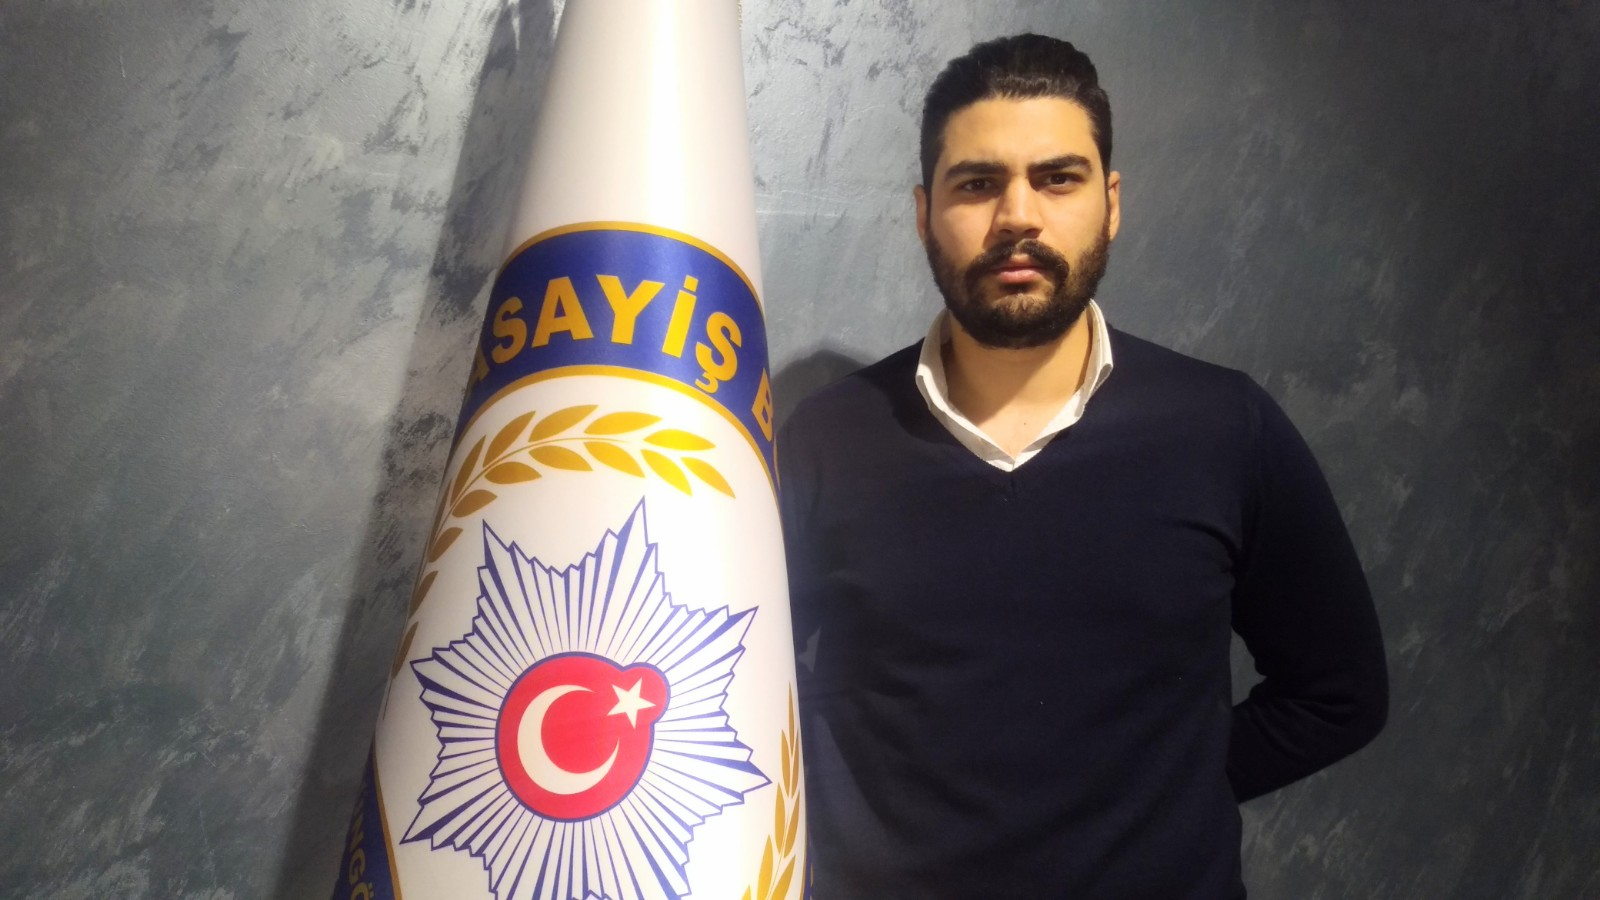 Güngören'in Asayişi ,suç ve suçlu analiz uzmanı  Halilcan Subaşı'dan soruluyor